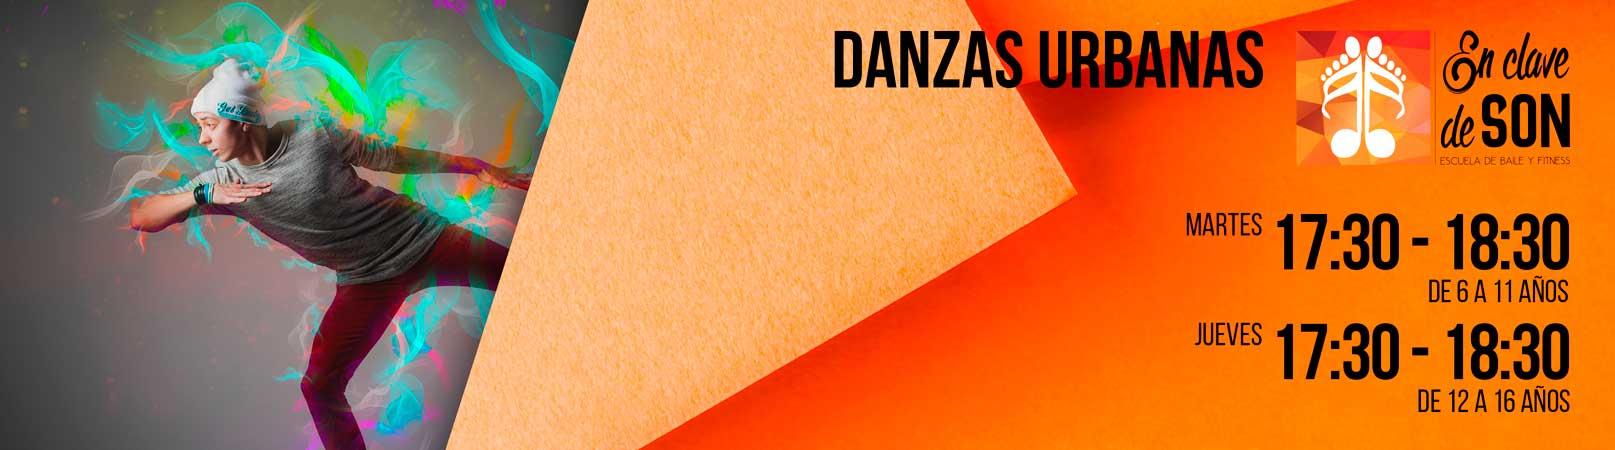 Danza Urbana Pamplona